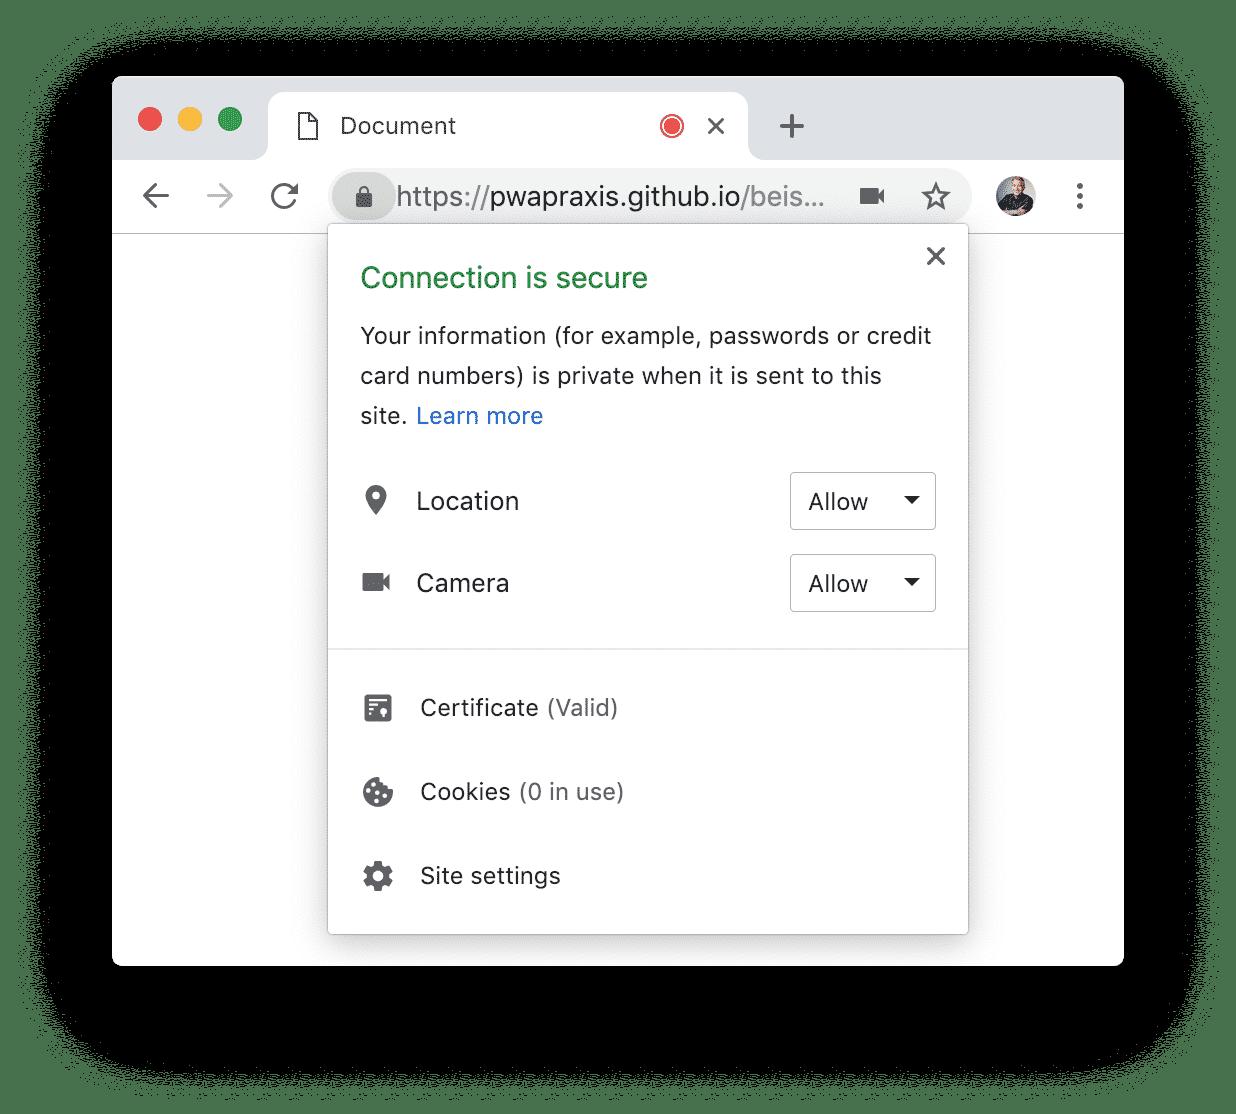 Steuerung der vergebenen Berechtigungen in Google Chrome